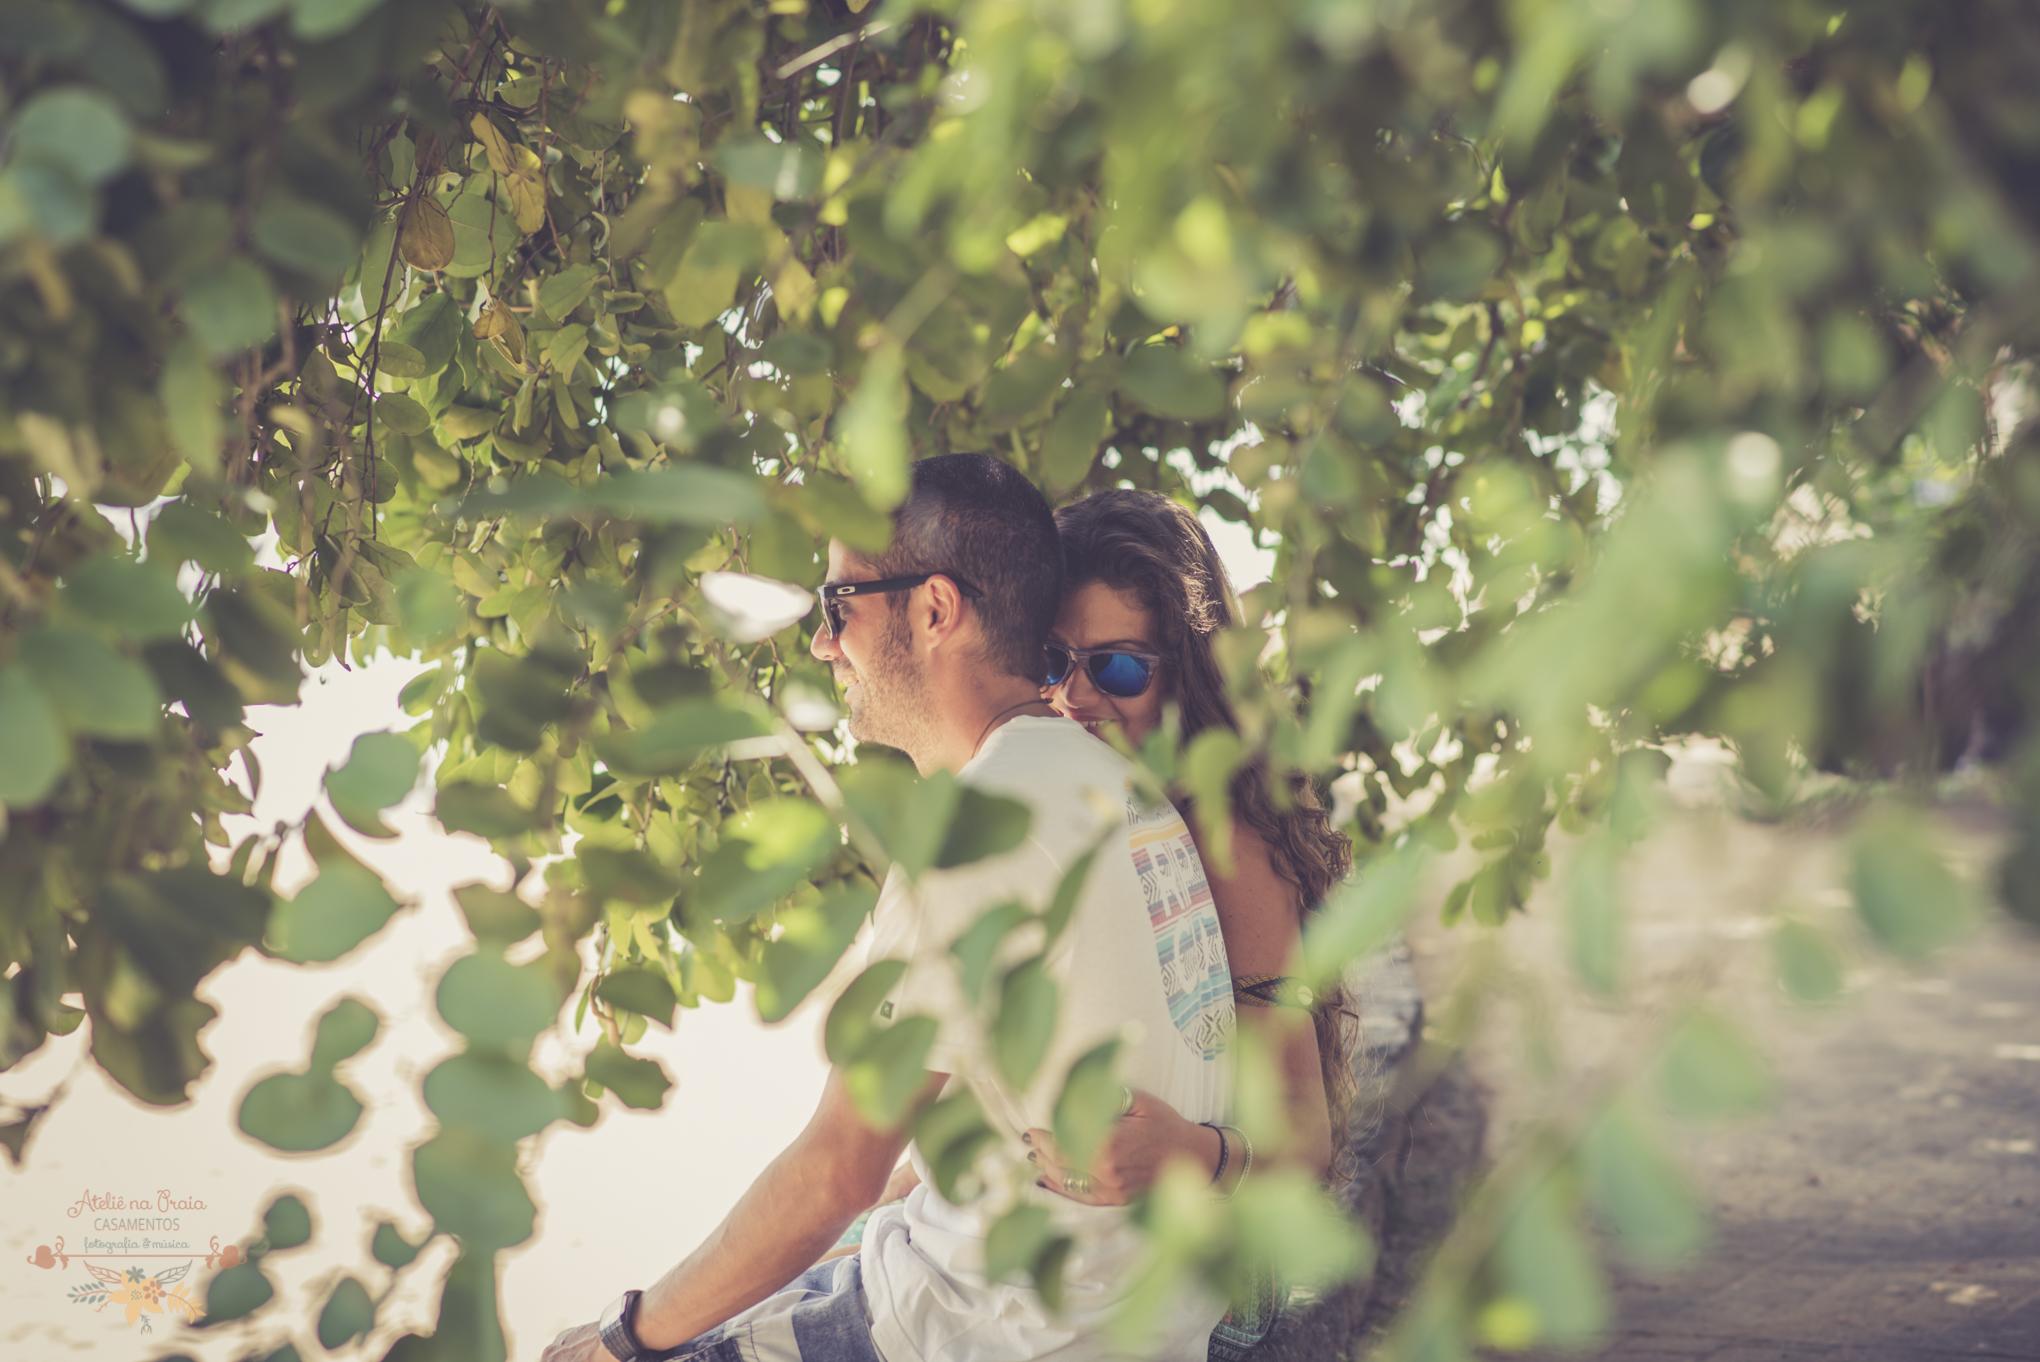 Atelie-na-Praia-Pre-Wedding-Nadine-Carlos-0188